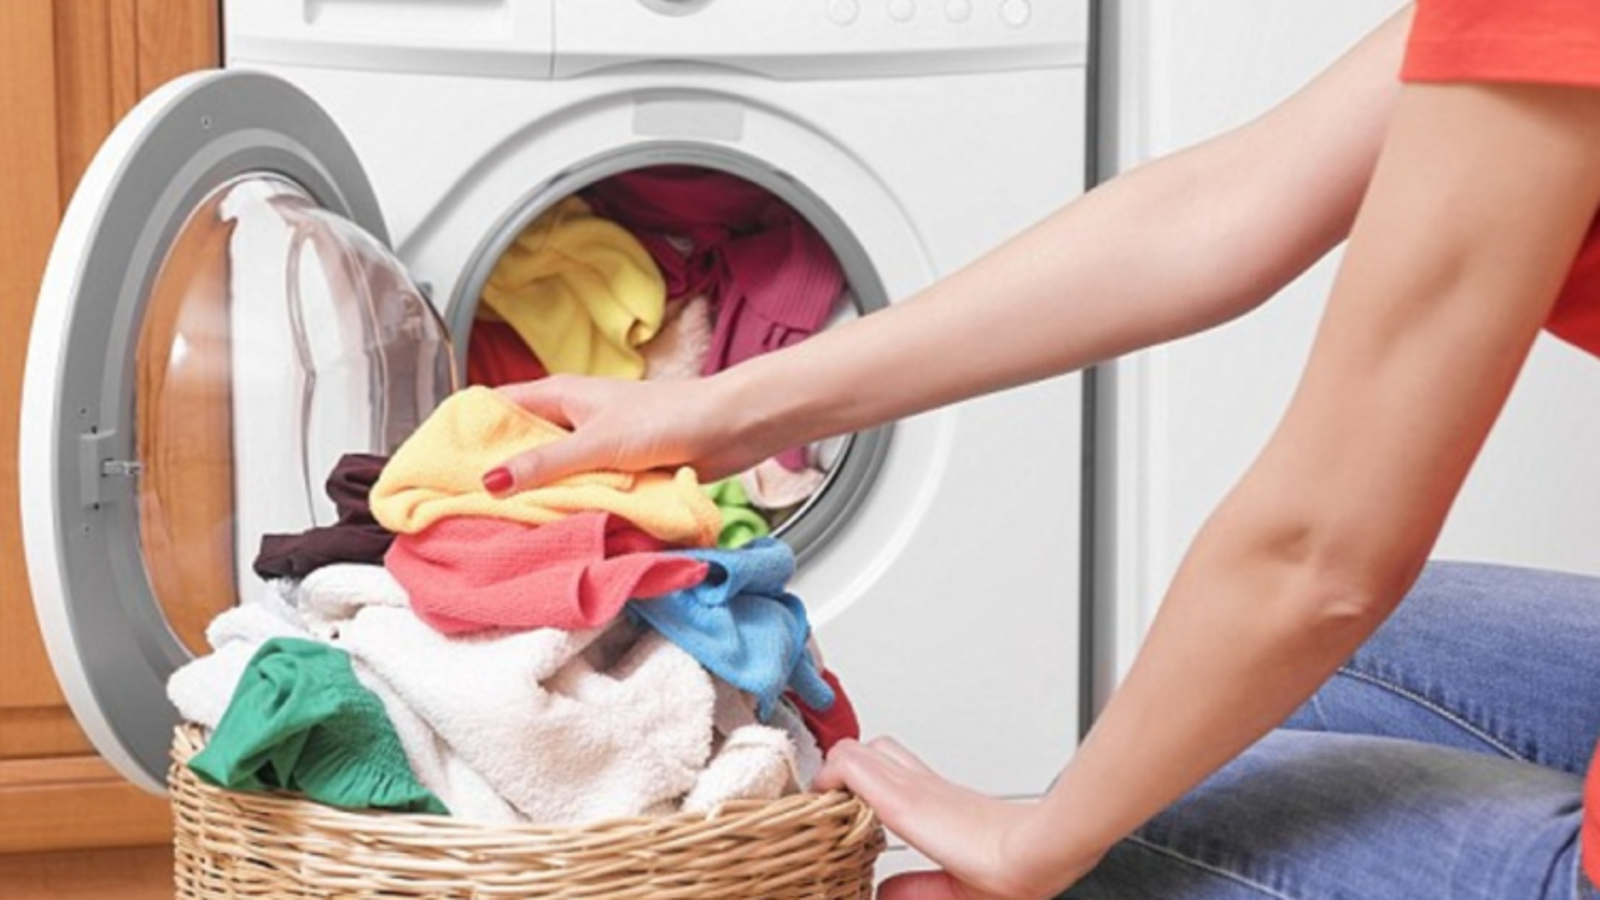 Thói quen sai lầm khi giặt đồ bạn nên biết